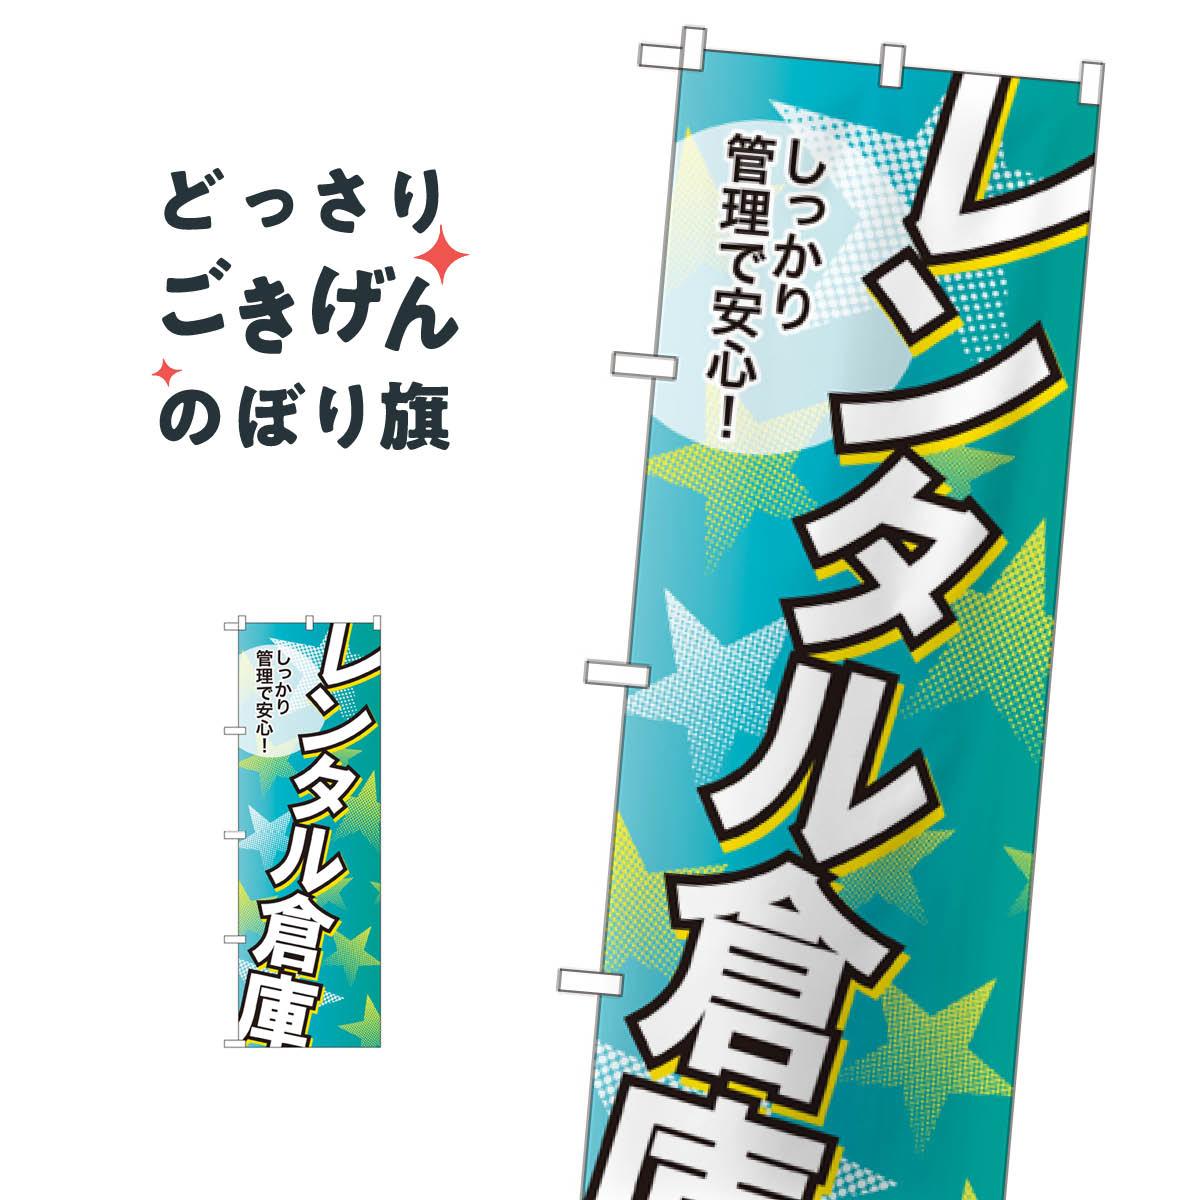 レンタル倉庫 のぼり旗 GNB-1992 貸し物件